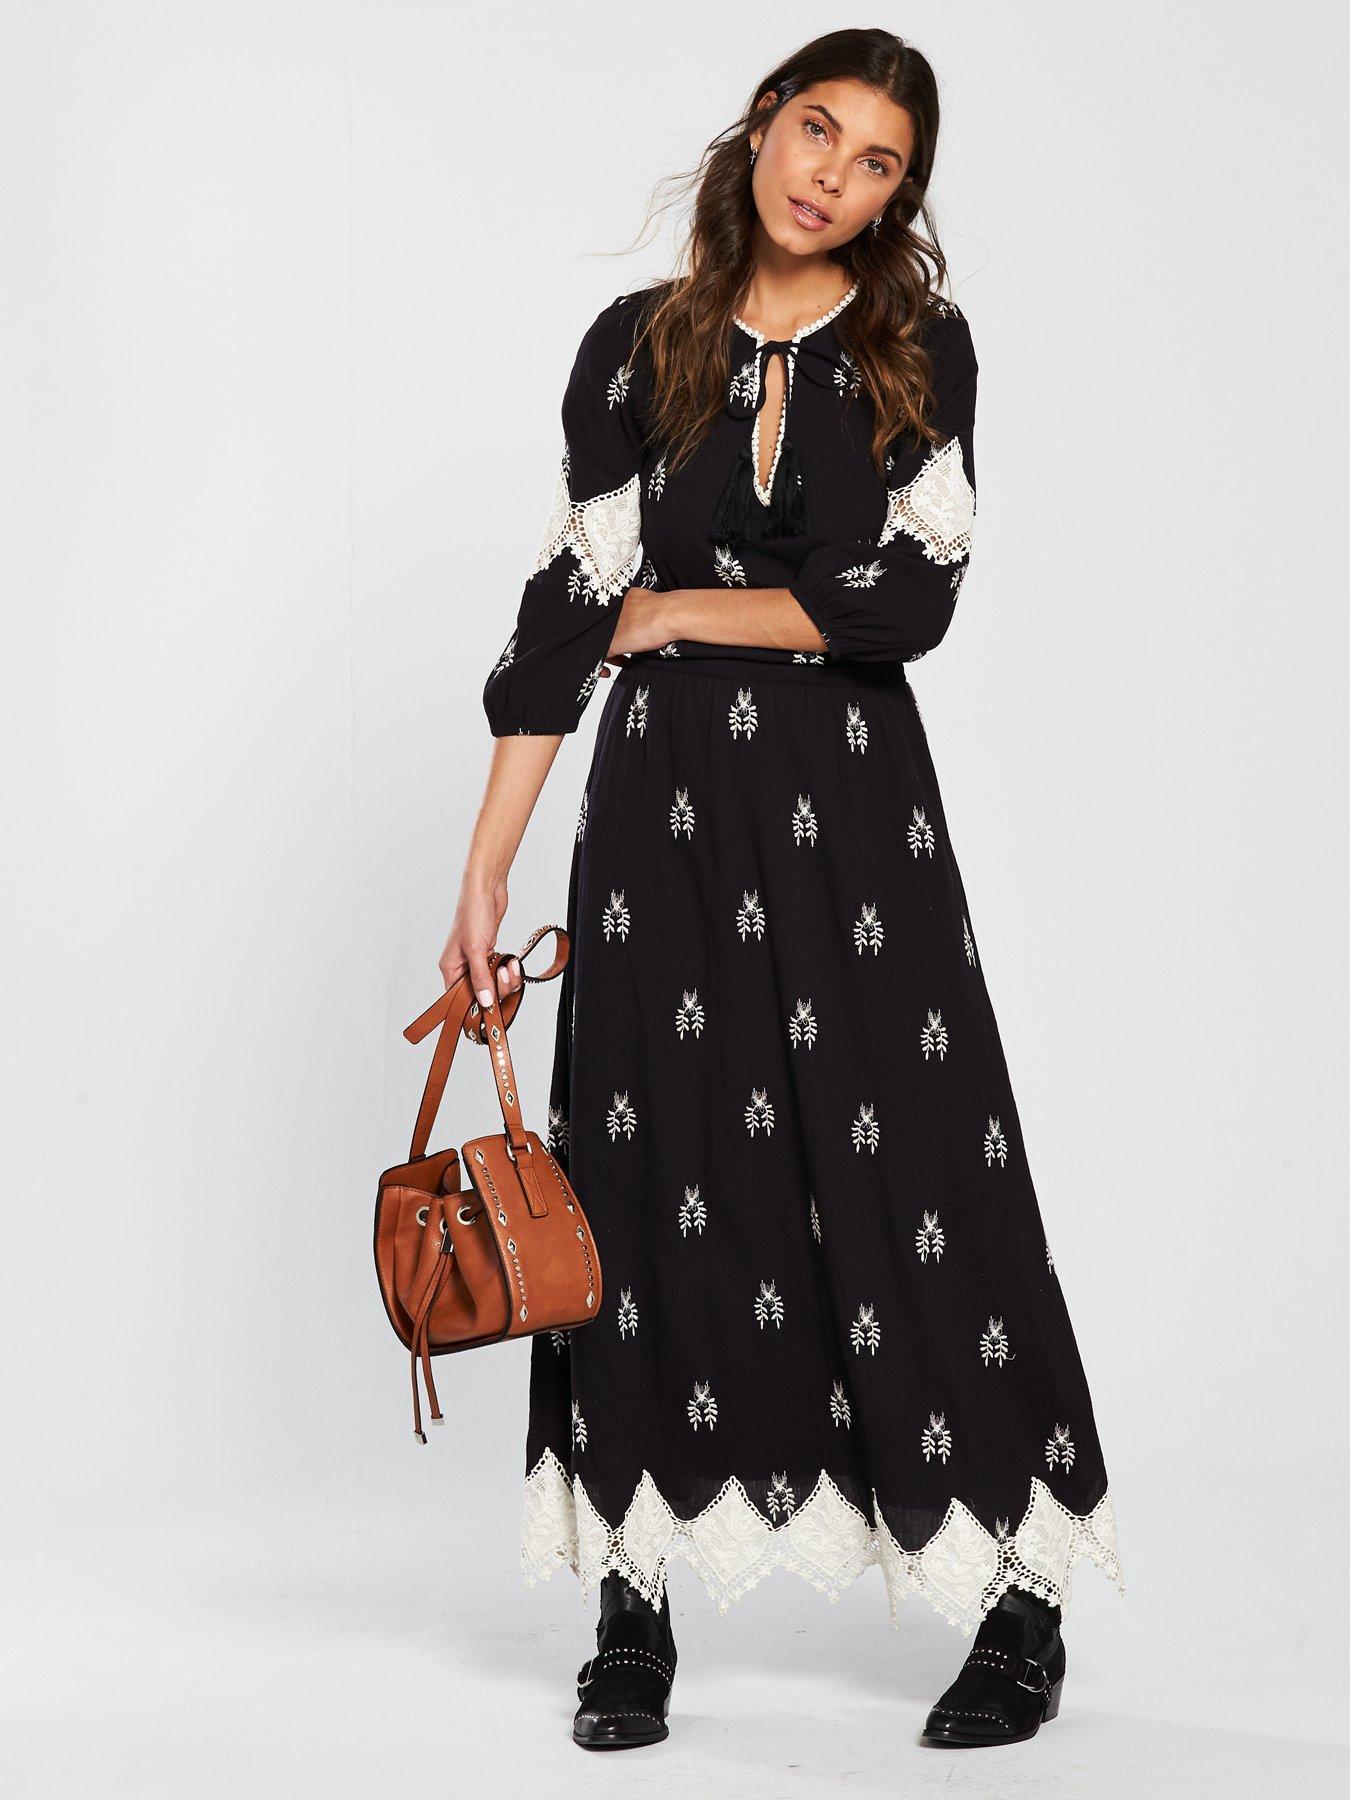 Lovely maxi dresses uk